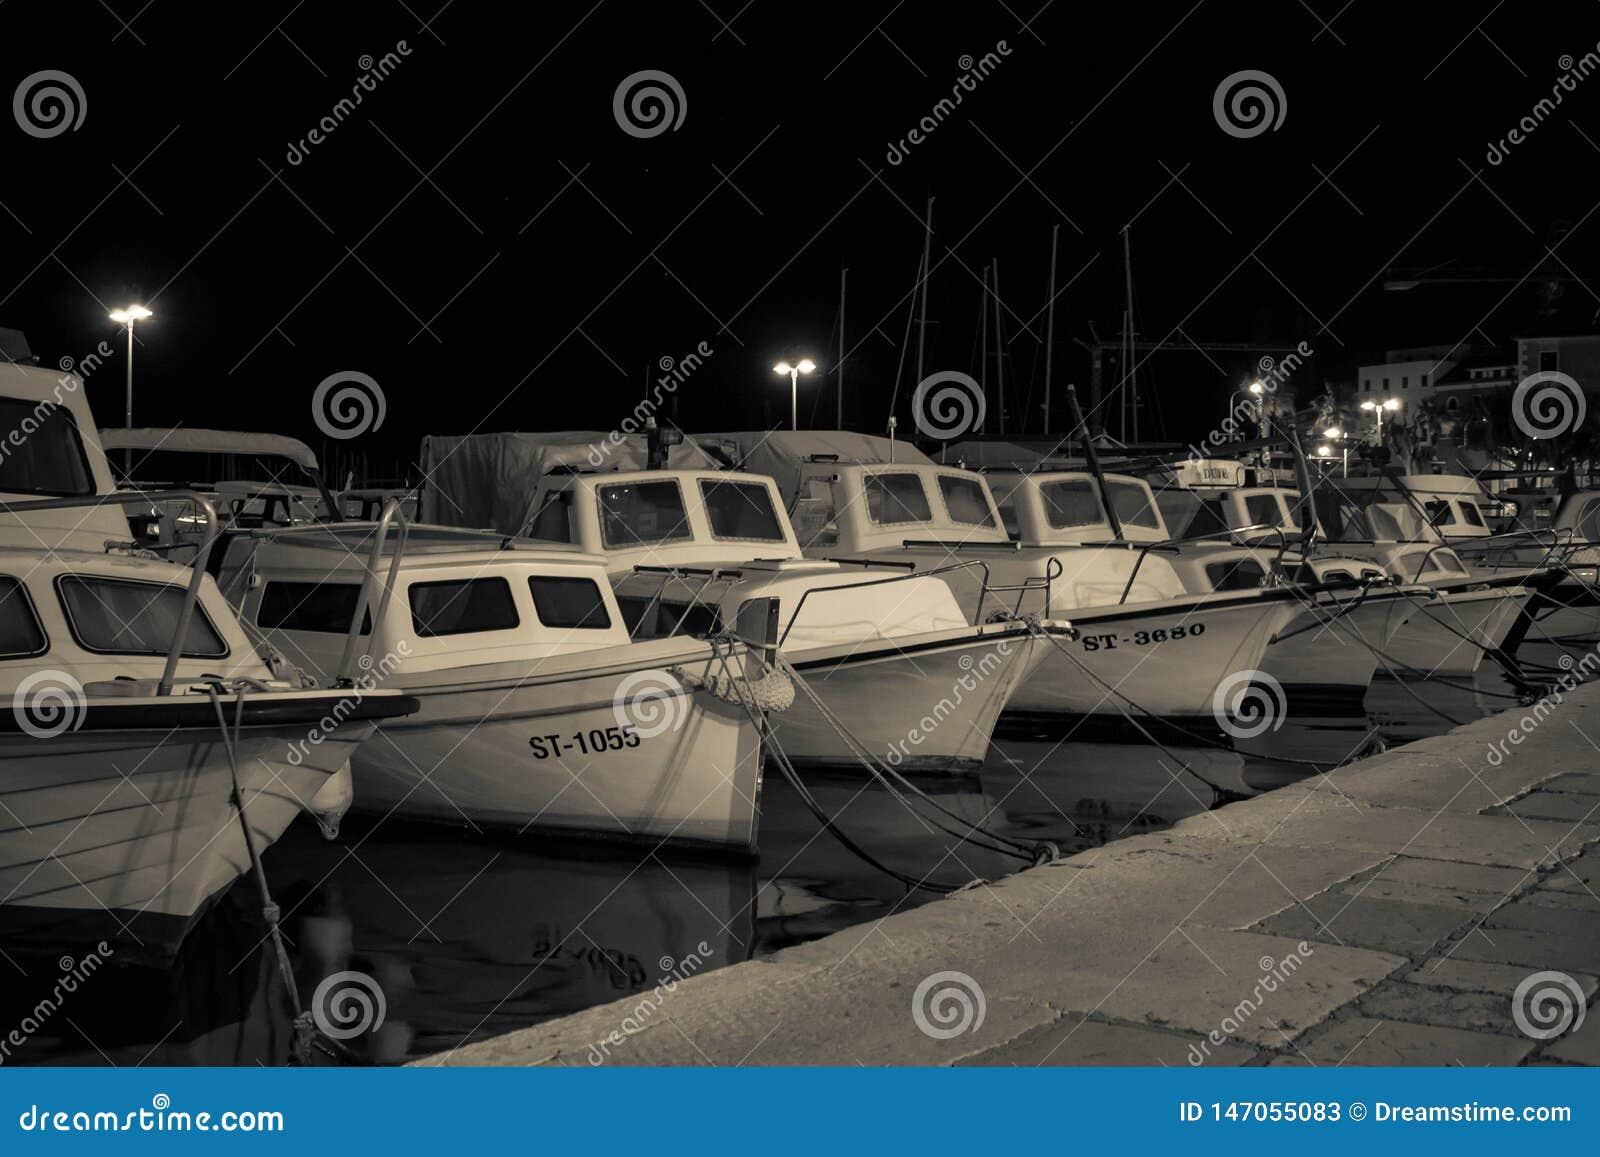 Barche in un porto, a tarda notte